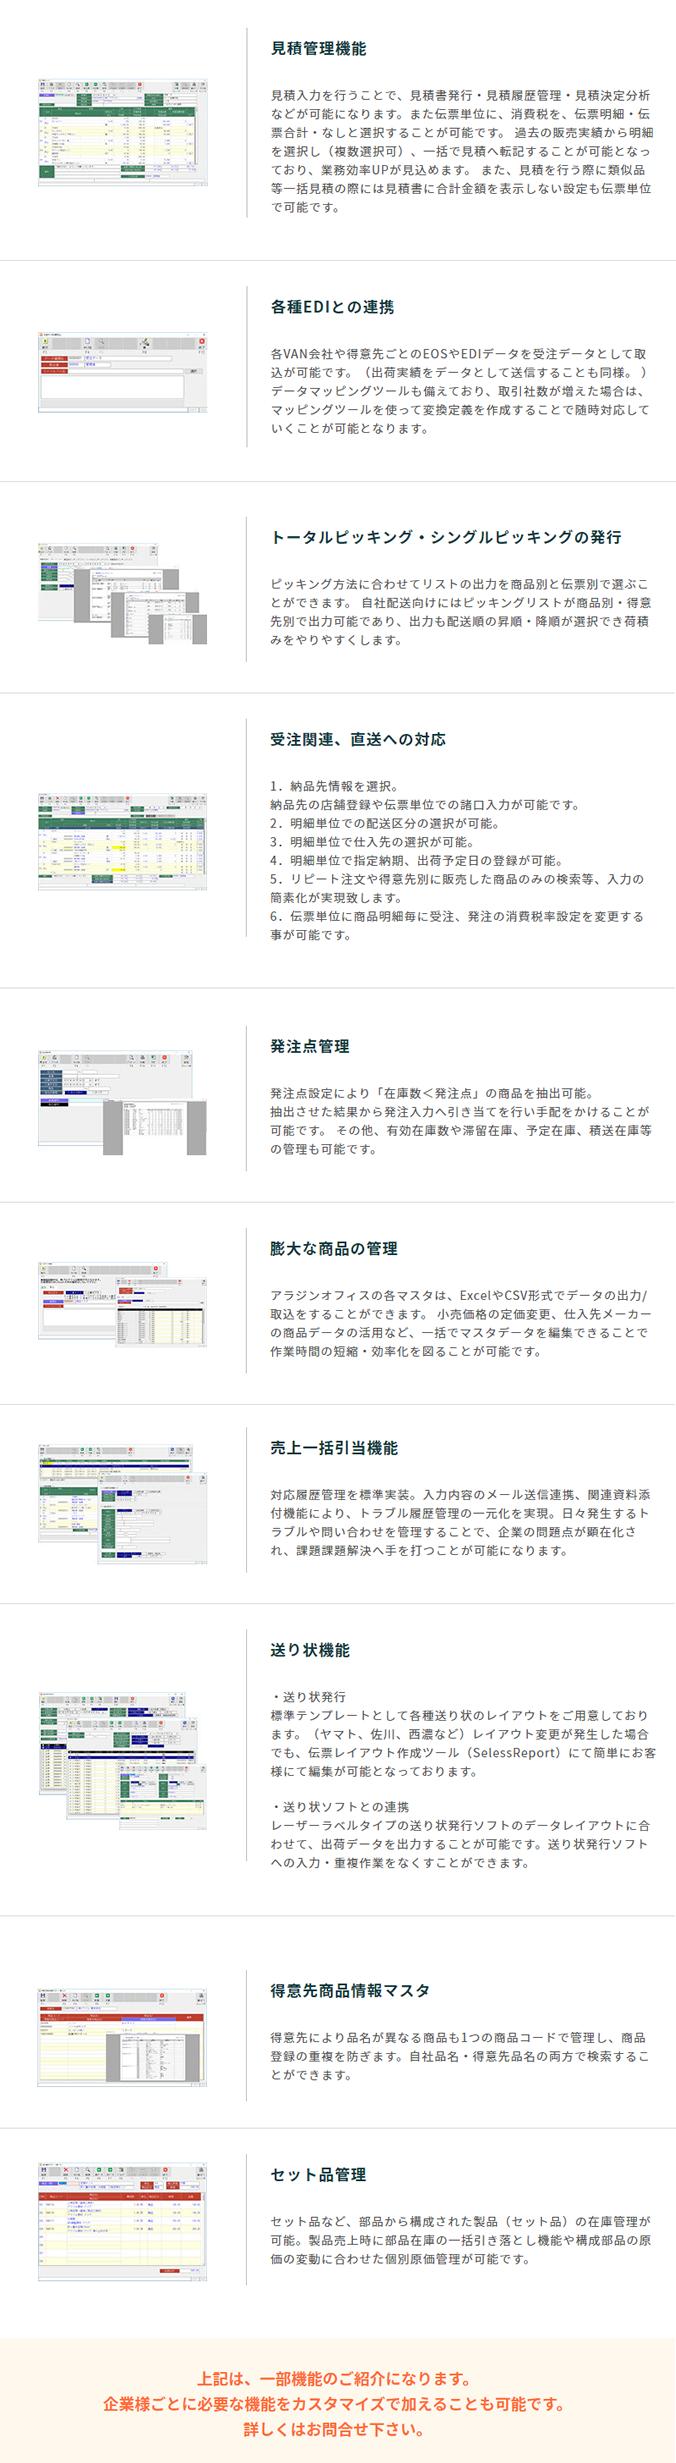 アラジンオフィス(文具・事務用品向け)製品詳細3